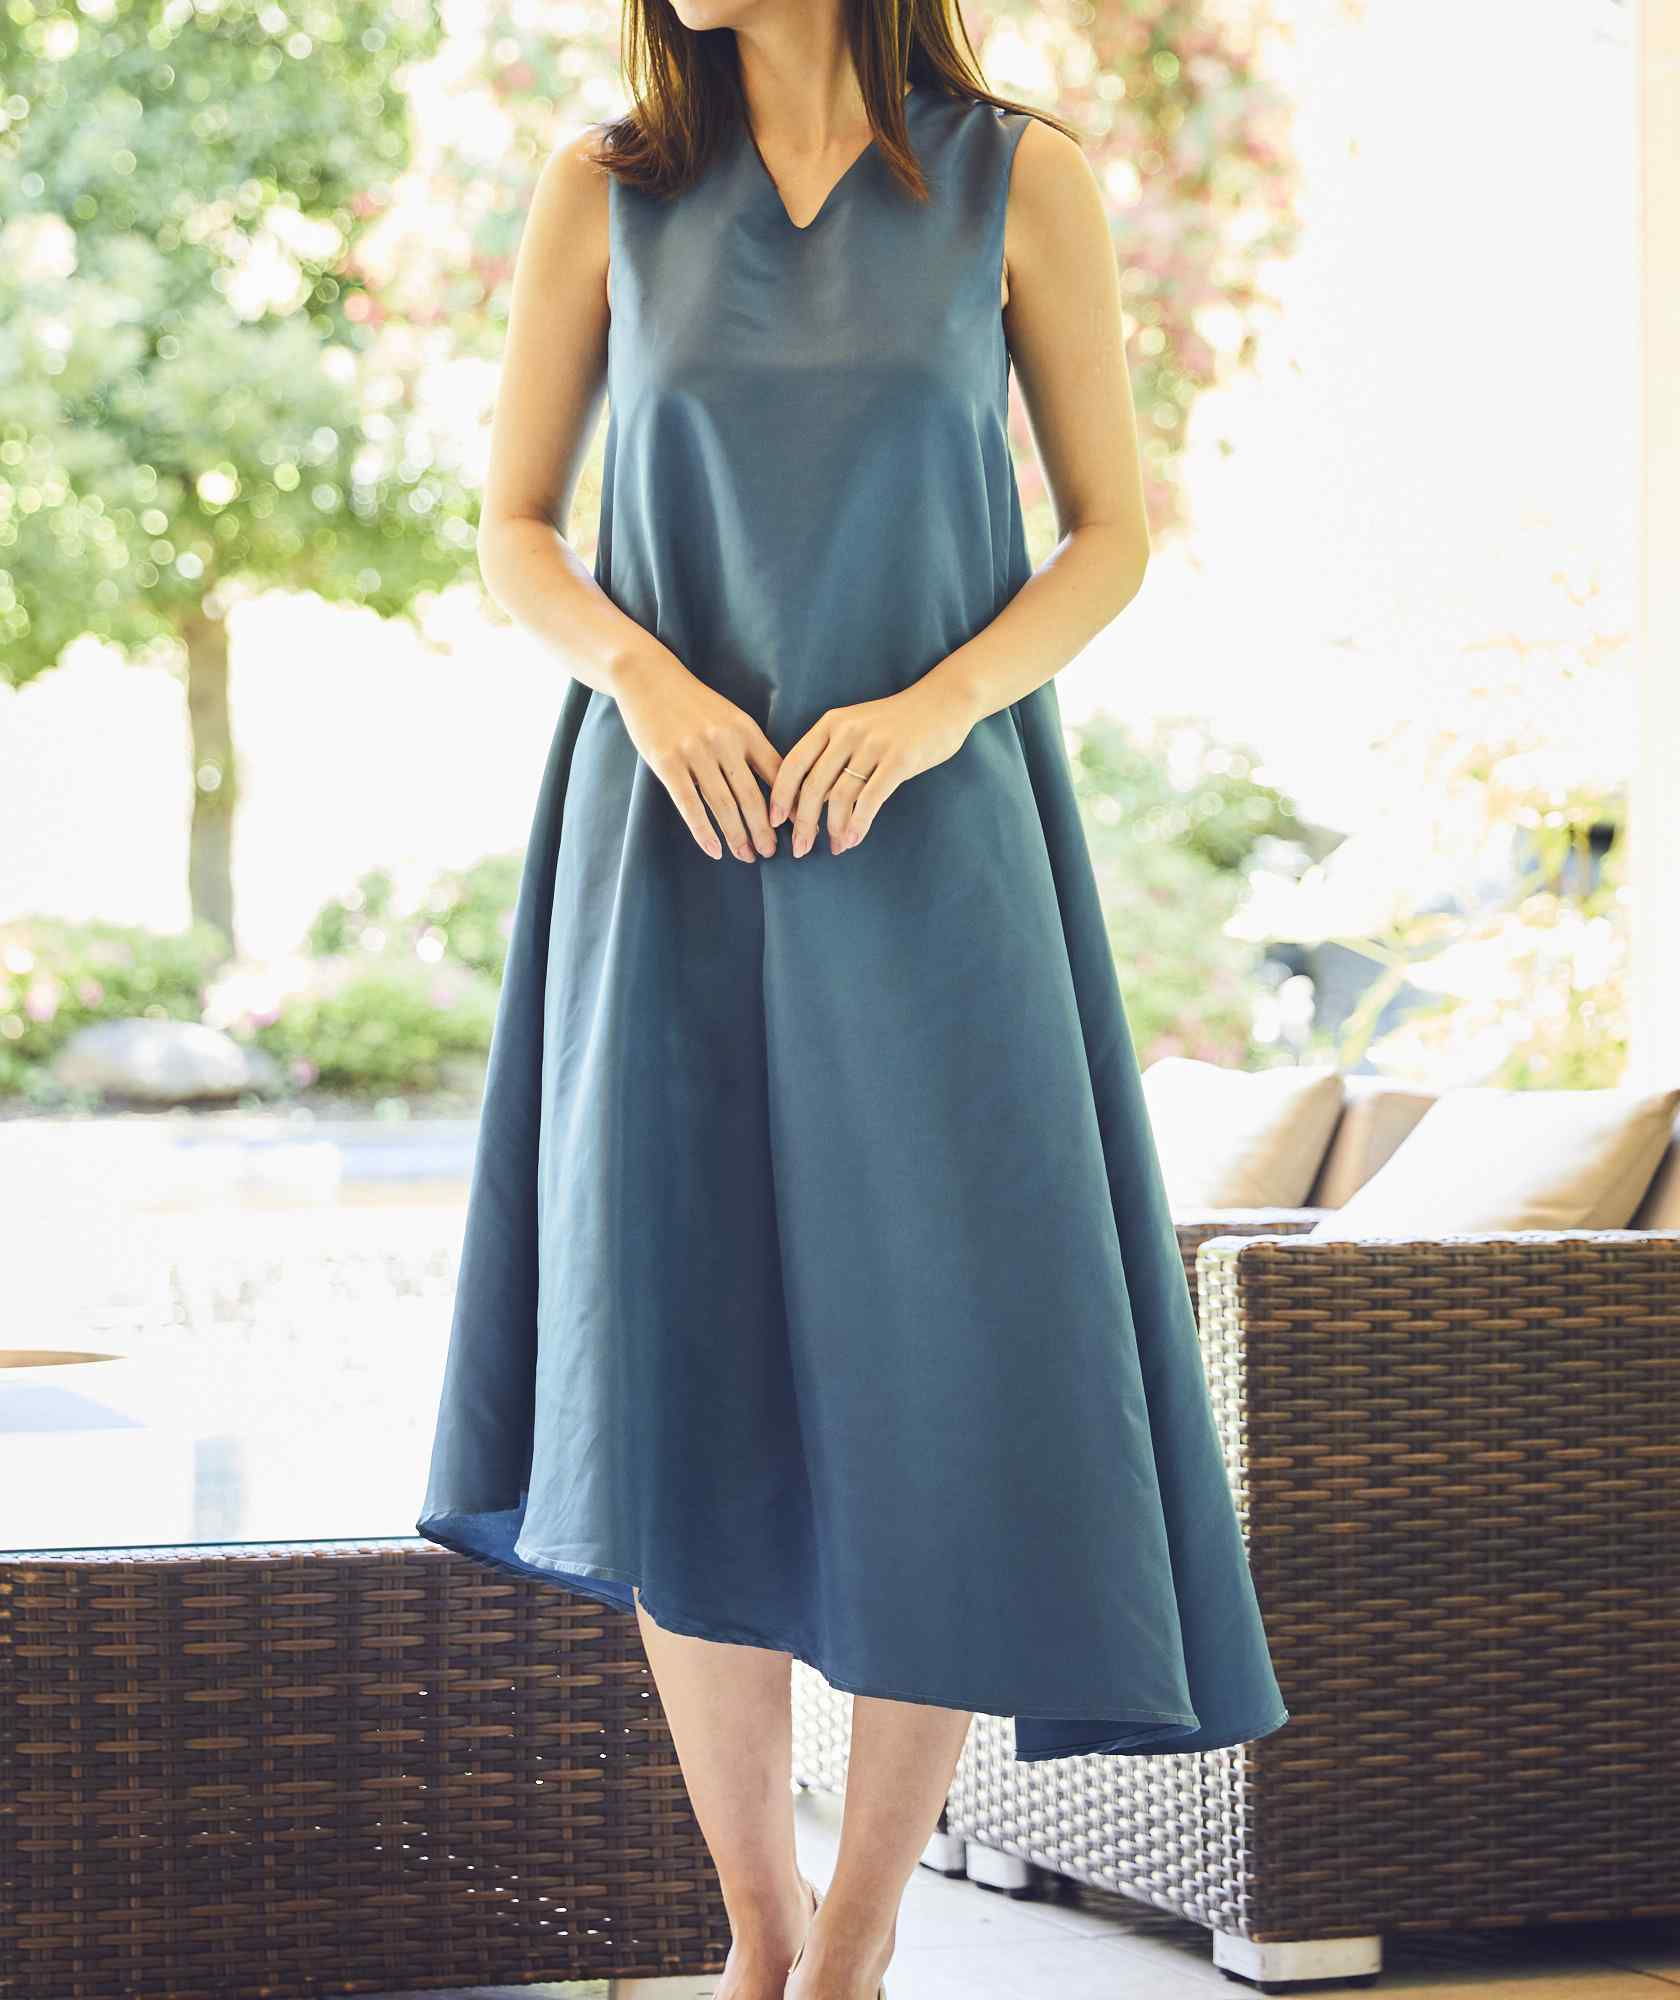 VネックアシンメトリーOG1stAラインショートドレス-ブルー-S